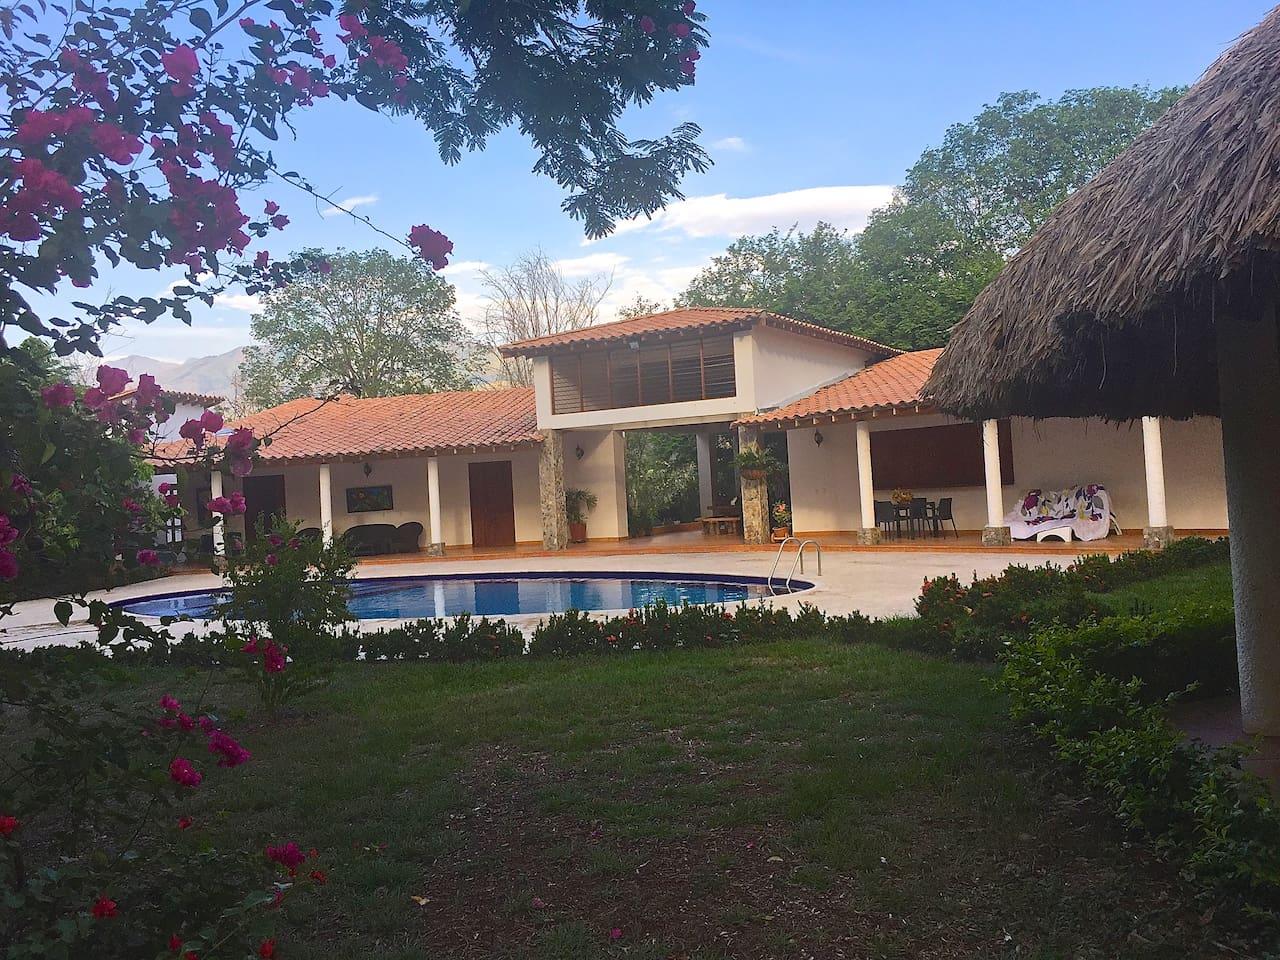 Una alcoba principal con aire acondicionado y cama matrimonio, dos alcobas con 5 camas cada una, cada alcoba con baño privado, y en las afueras baño de damas y caballeros, Kiosco, cocina. Ubicada en Santa Fe de Antioquia, uno de los 5 municipios más bellos de Colombia. Ubicado a 1 hora de Medellín en carro.